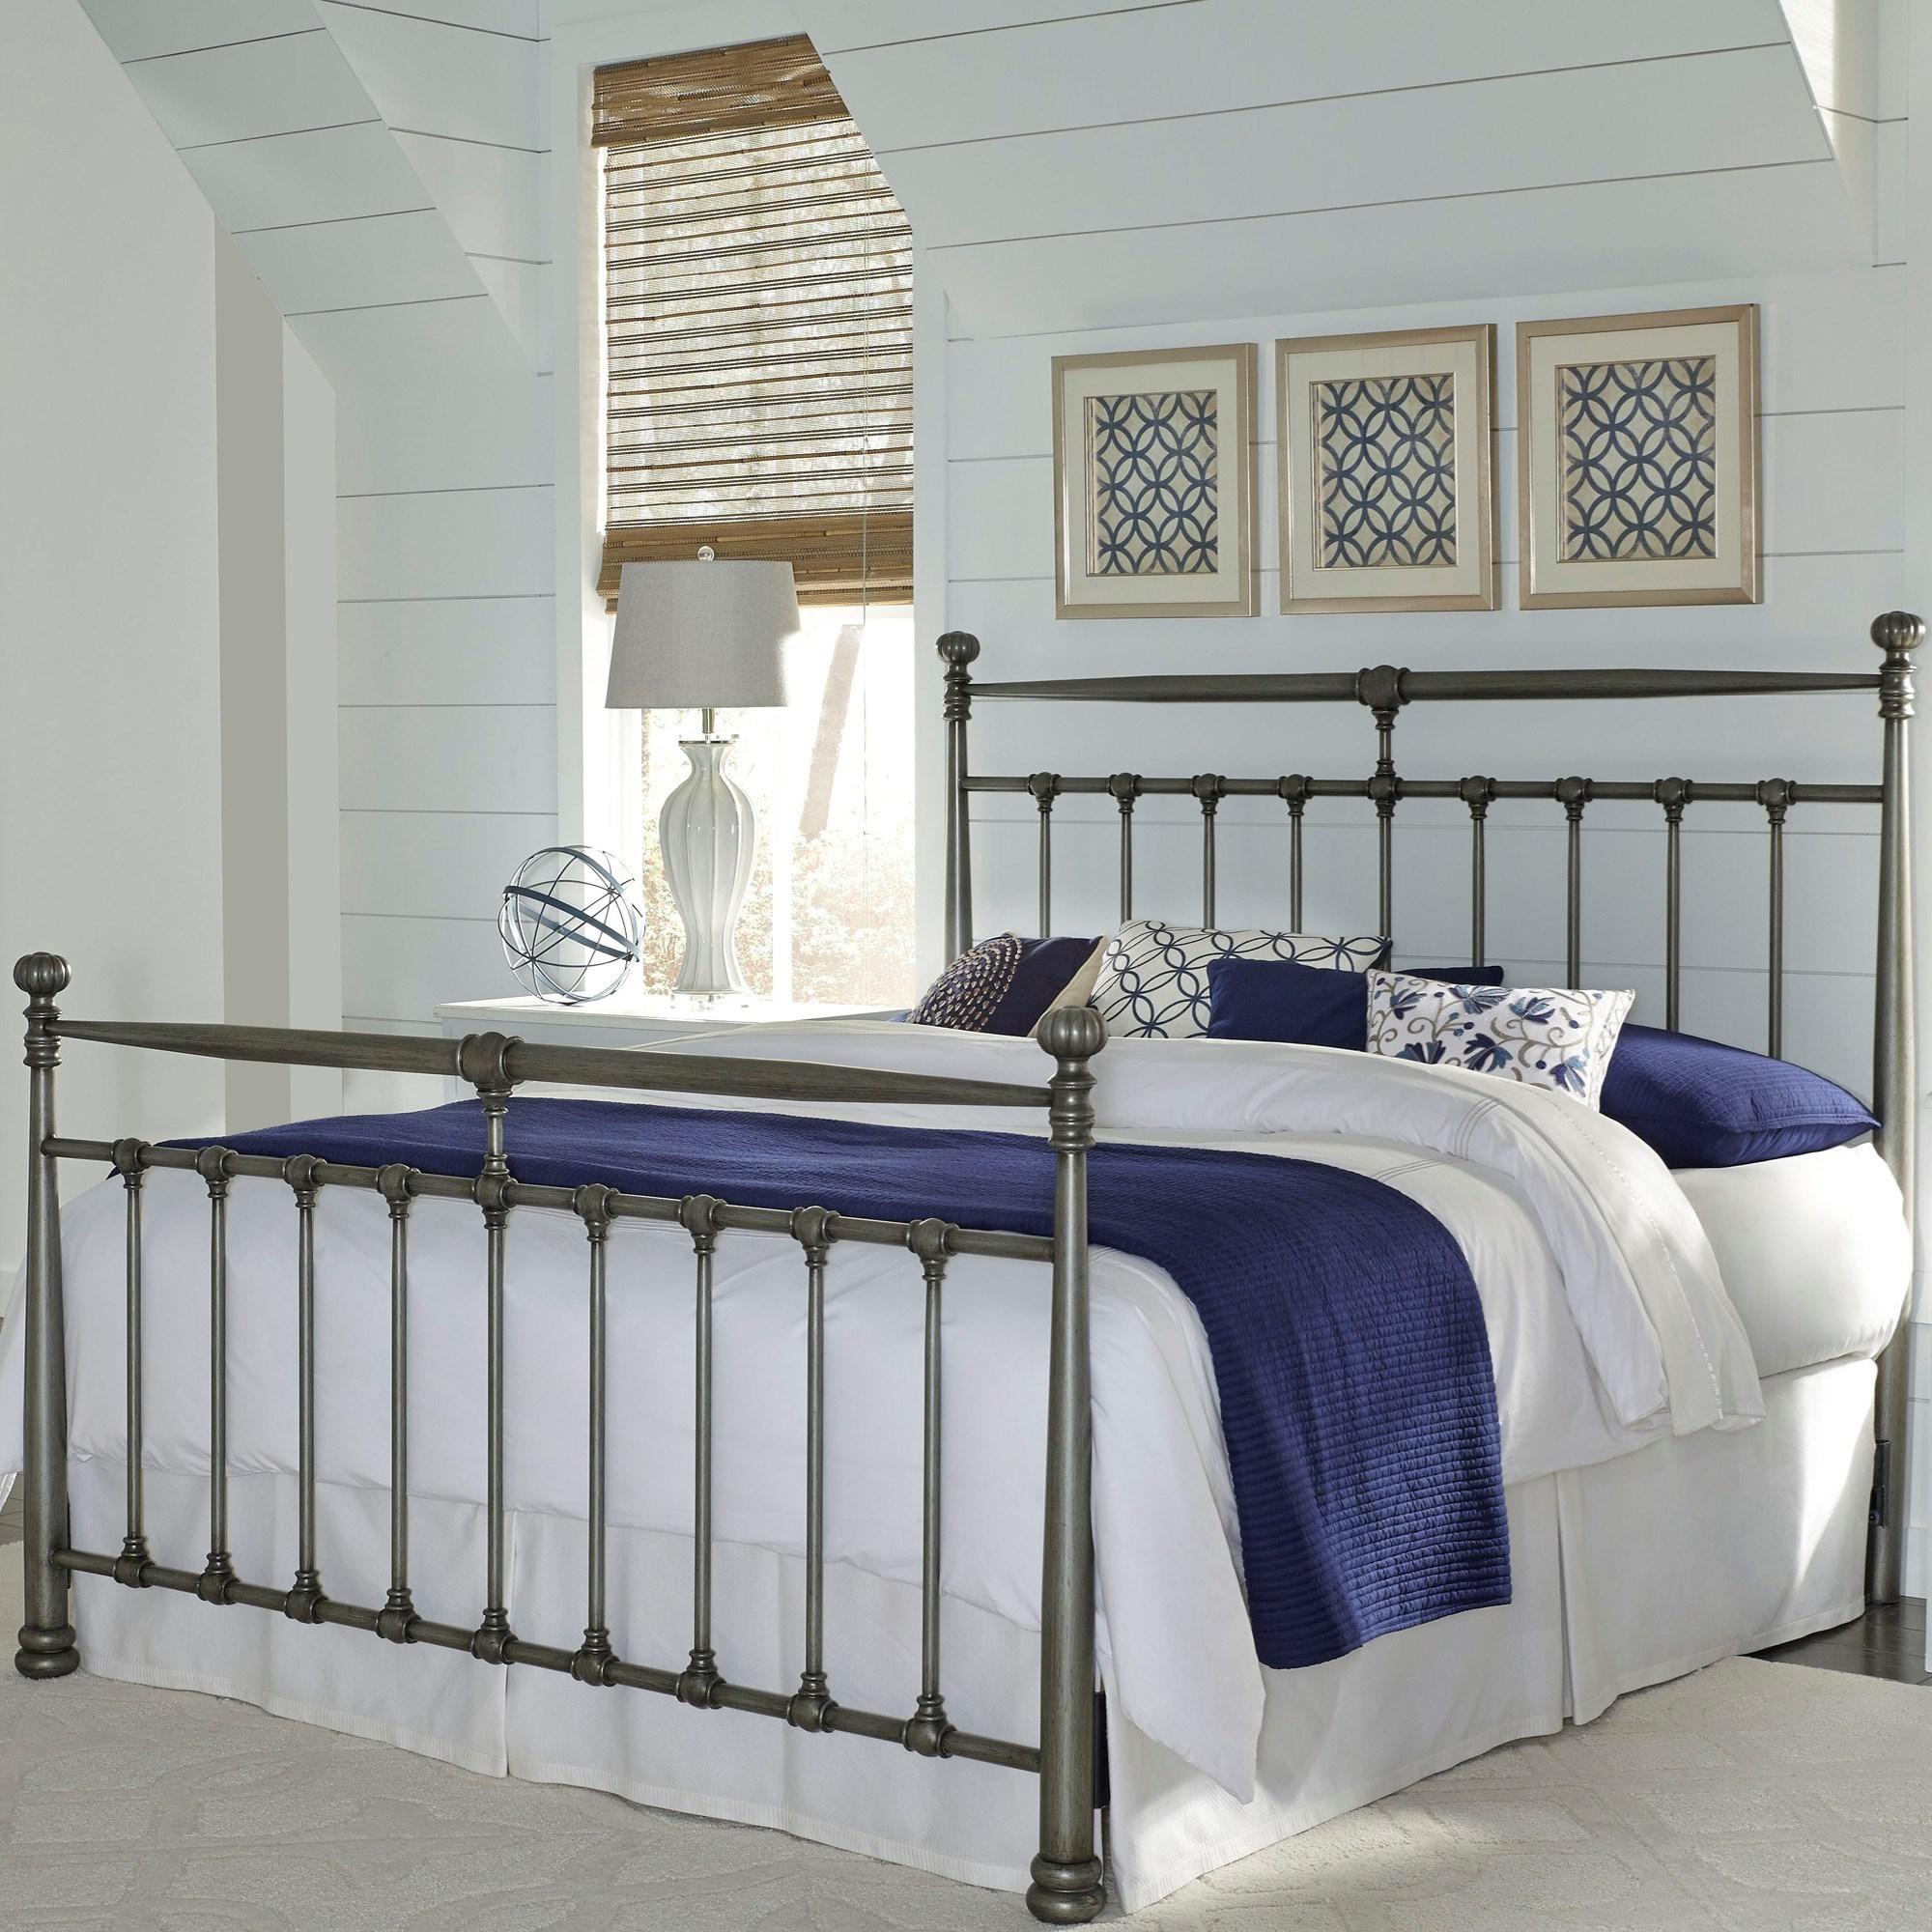 Fashion Bed Group Kensington Queen Kensington Complete